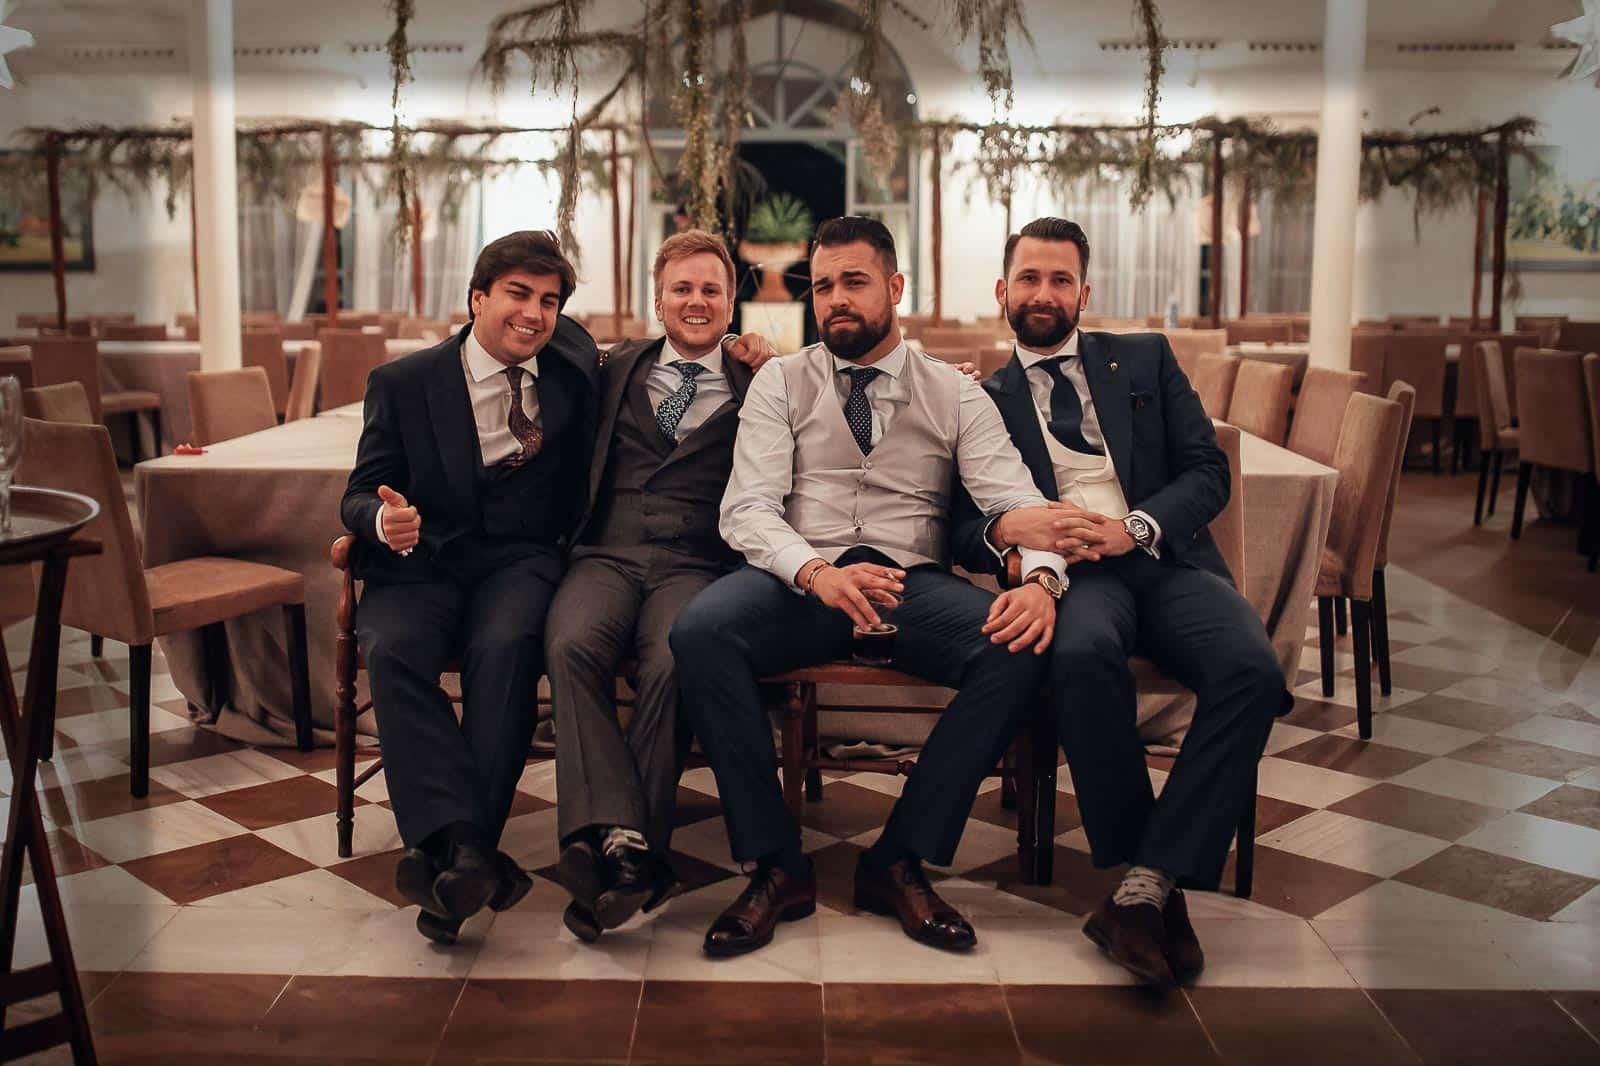 novio invitados chicos trajes salon corbatas outfit